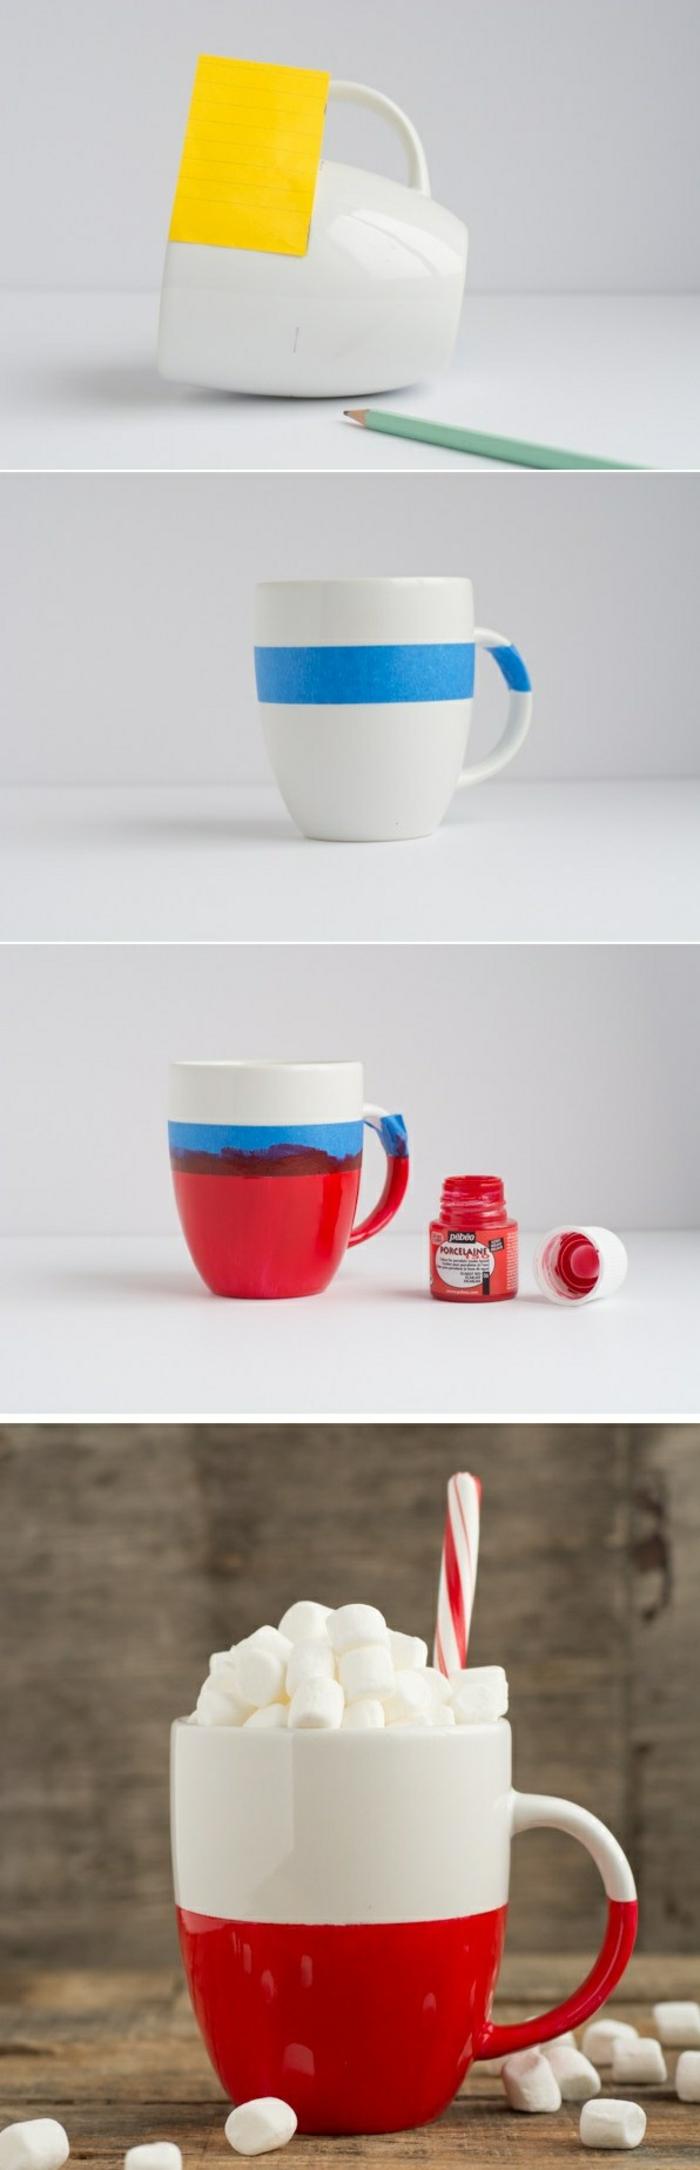 passaggi per fai da te bricolage, delle tazze bianche decorate e colorate, un'idea da regalare